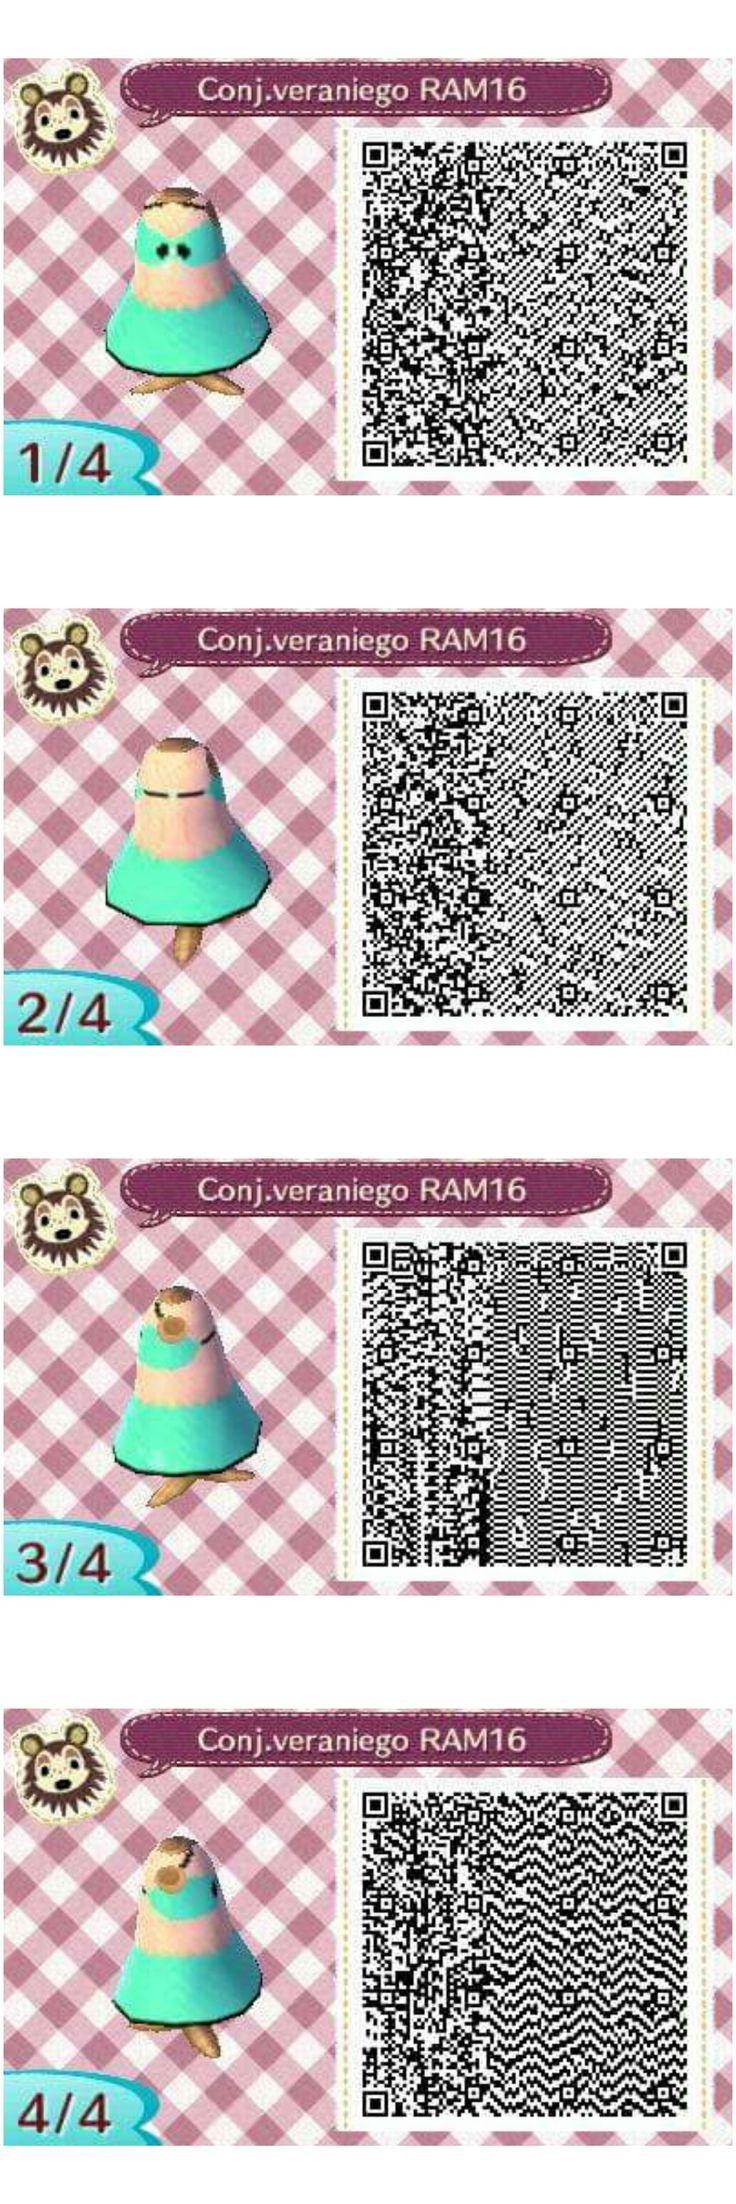 Este es un QR Code para Animal Crossing, creado por mí; como podéis observar, es un conjunto veraniego de color verde azulado. ¡Espero que os guste! ;)